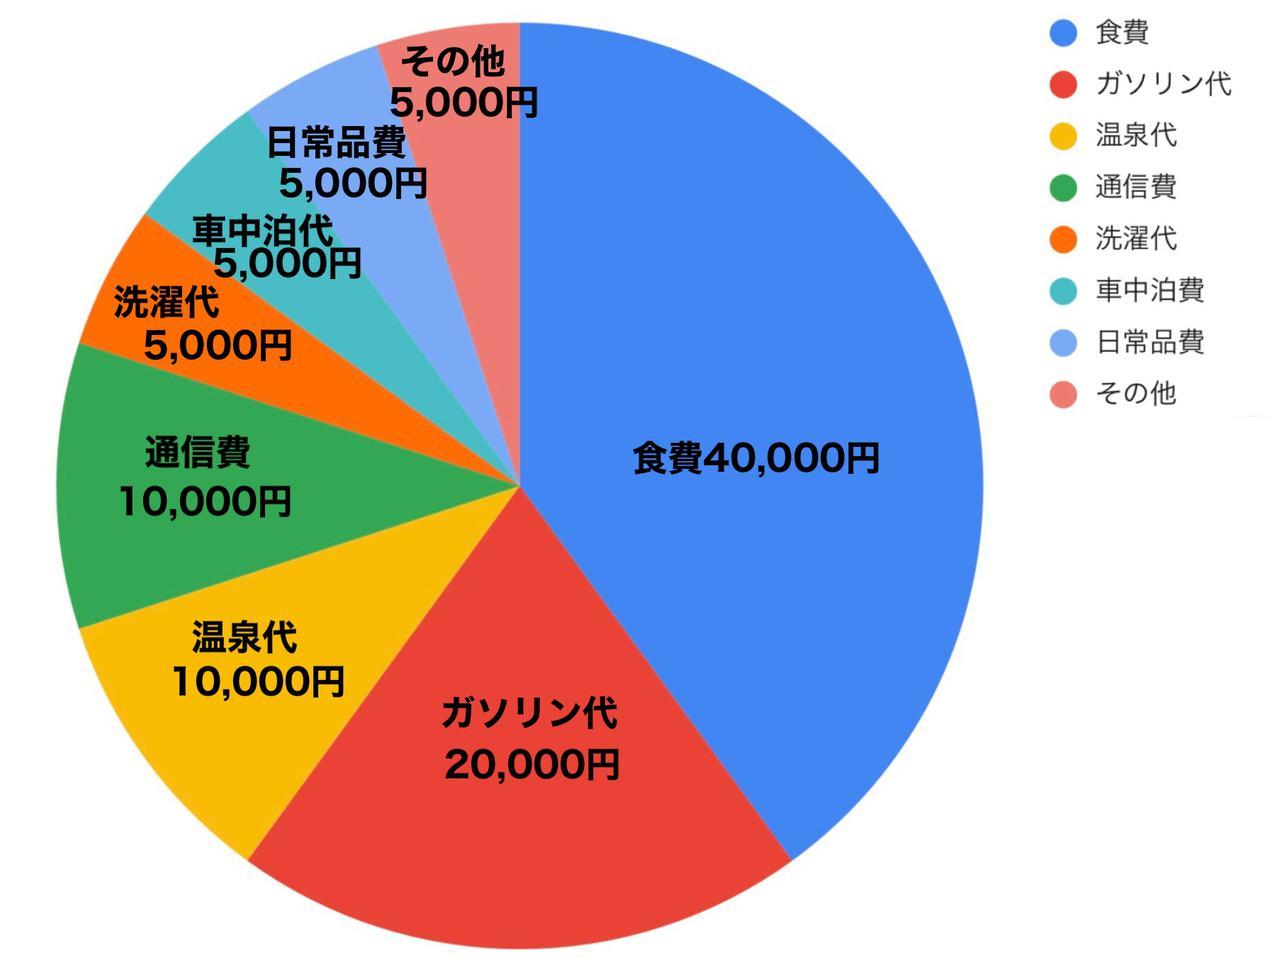 画像: バンライフにかかる生活費10万円の内容を紹介